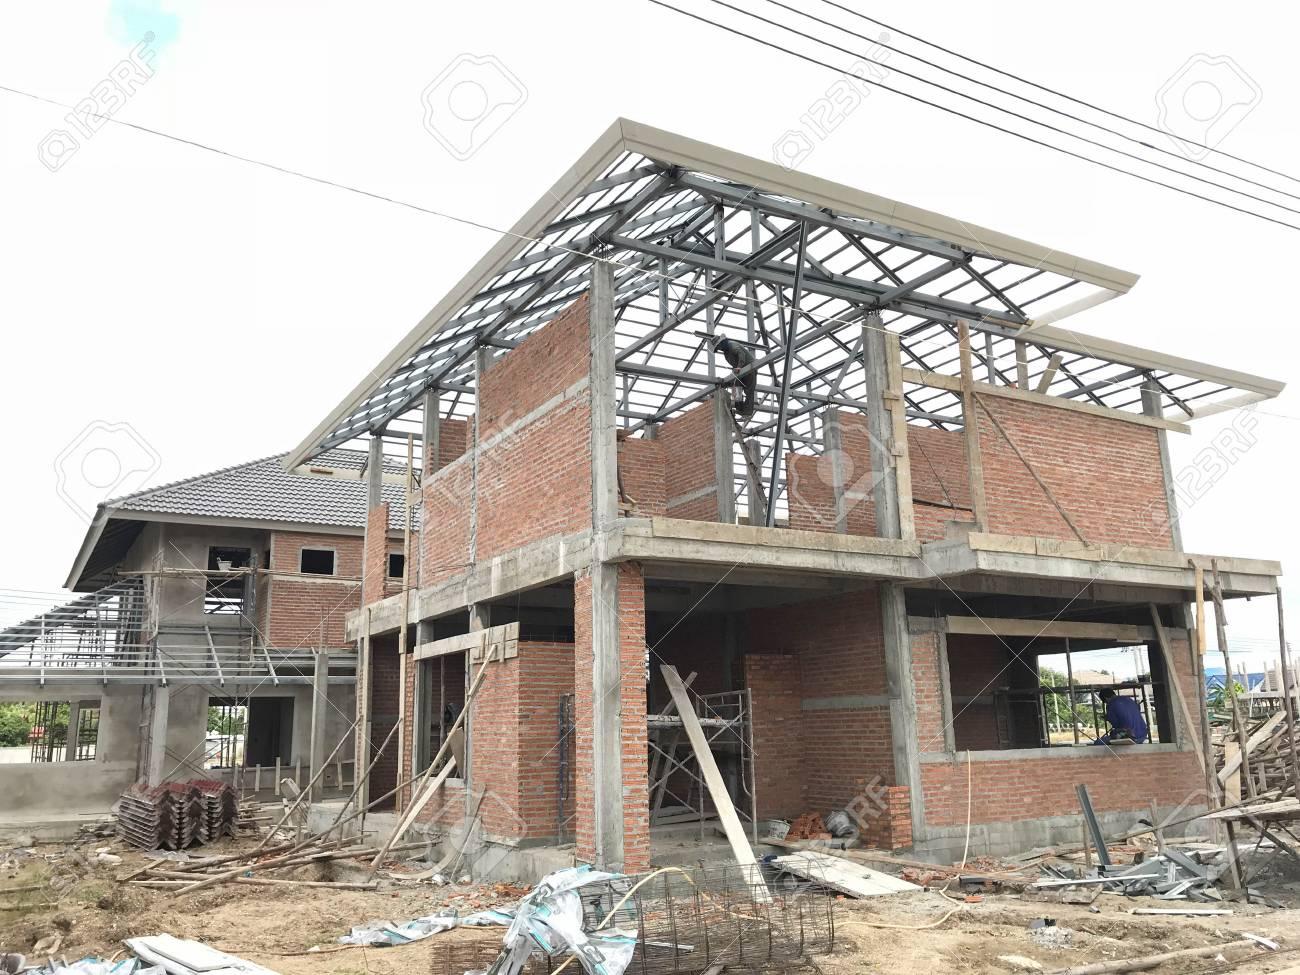 Captivating Baustelle Mit Neuen Häusern Im Bau. Standard Bild   88571213